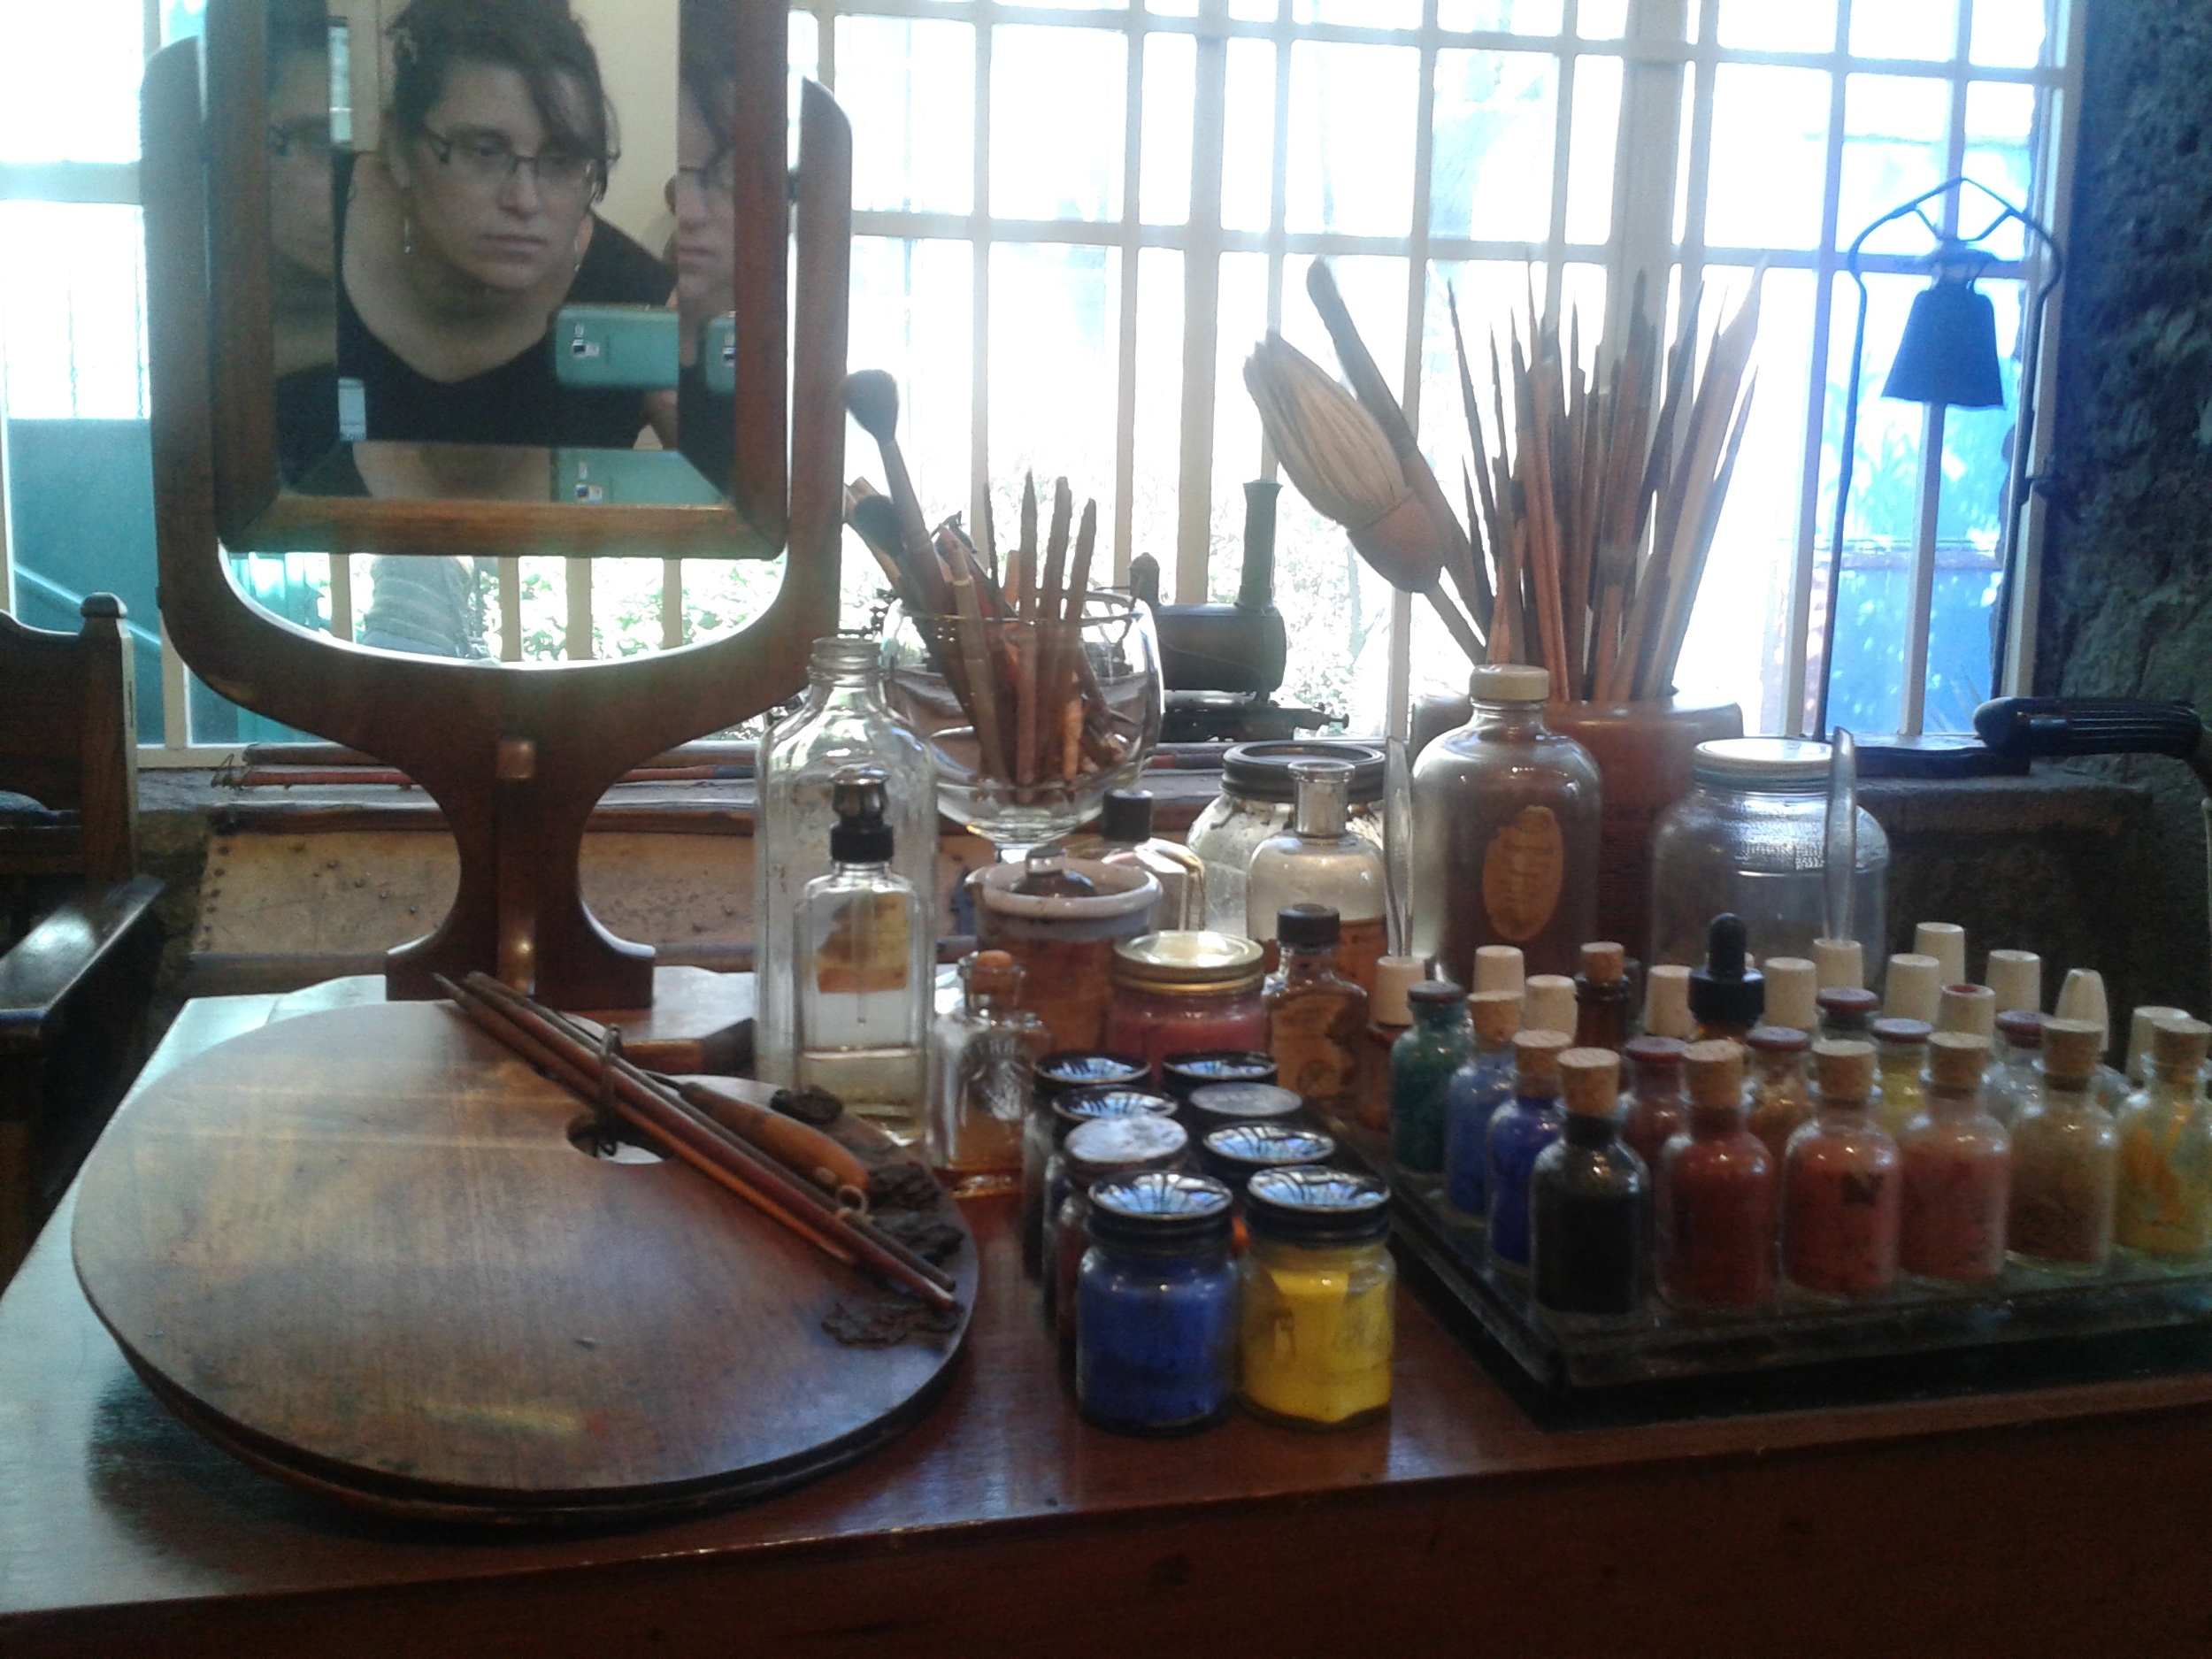 Selfie taken in Frida Kahlo's studio mirror.